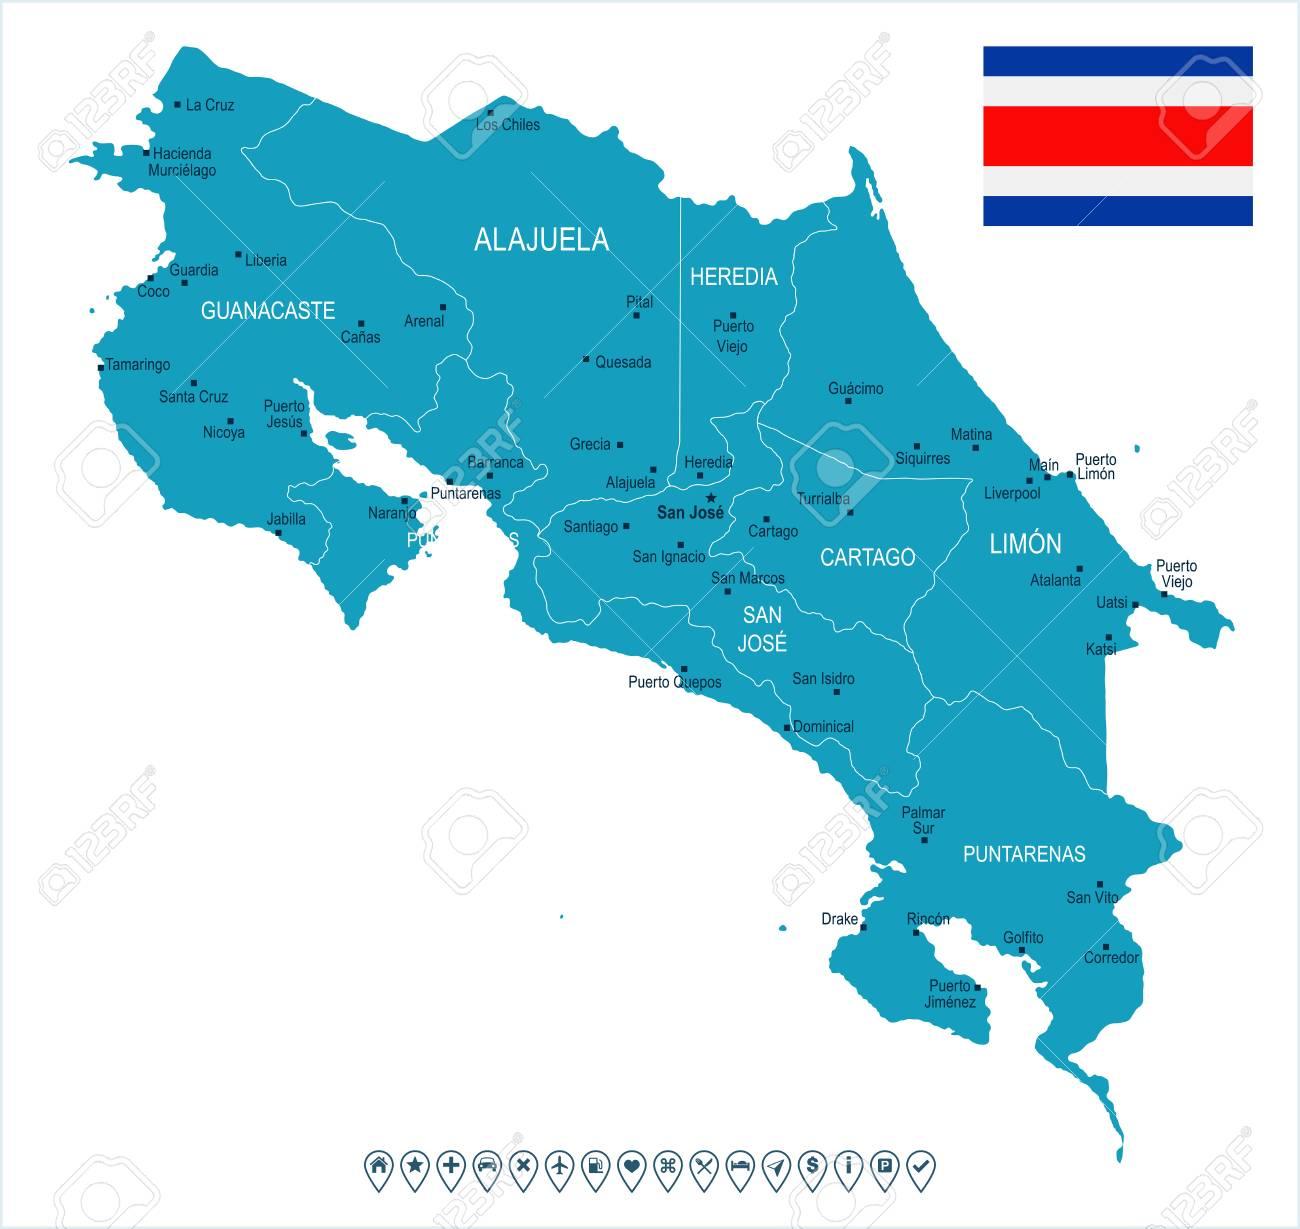 Mapa Y Bandera De Costa Rica - Ilustración Vectorial Detallada Alta  Ilustraciones Vectoriales, Clip Art Vectorizado Libre De Derechos. Image  89506125.